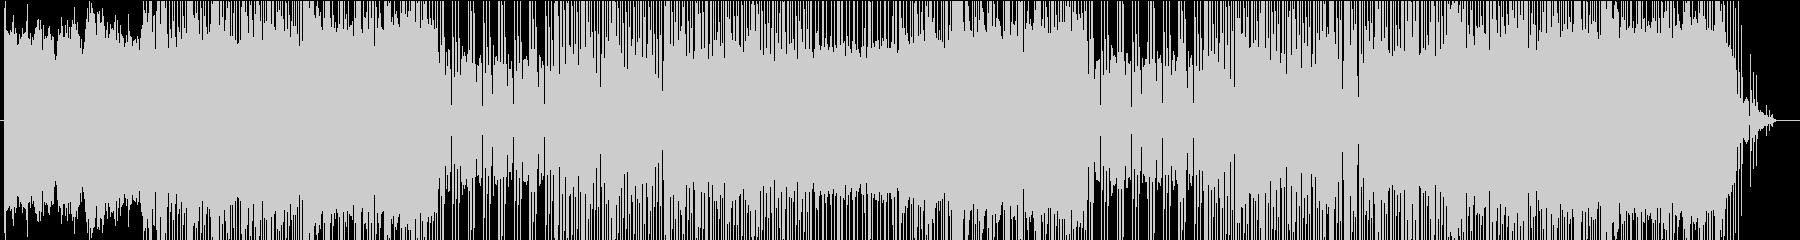 ゲーム音楽風チップチューンの未再生の波形